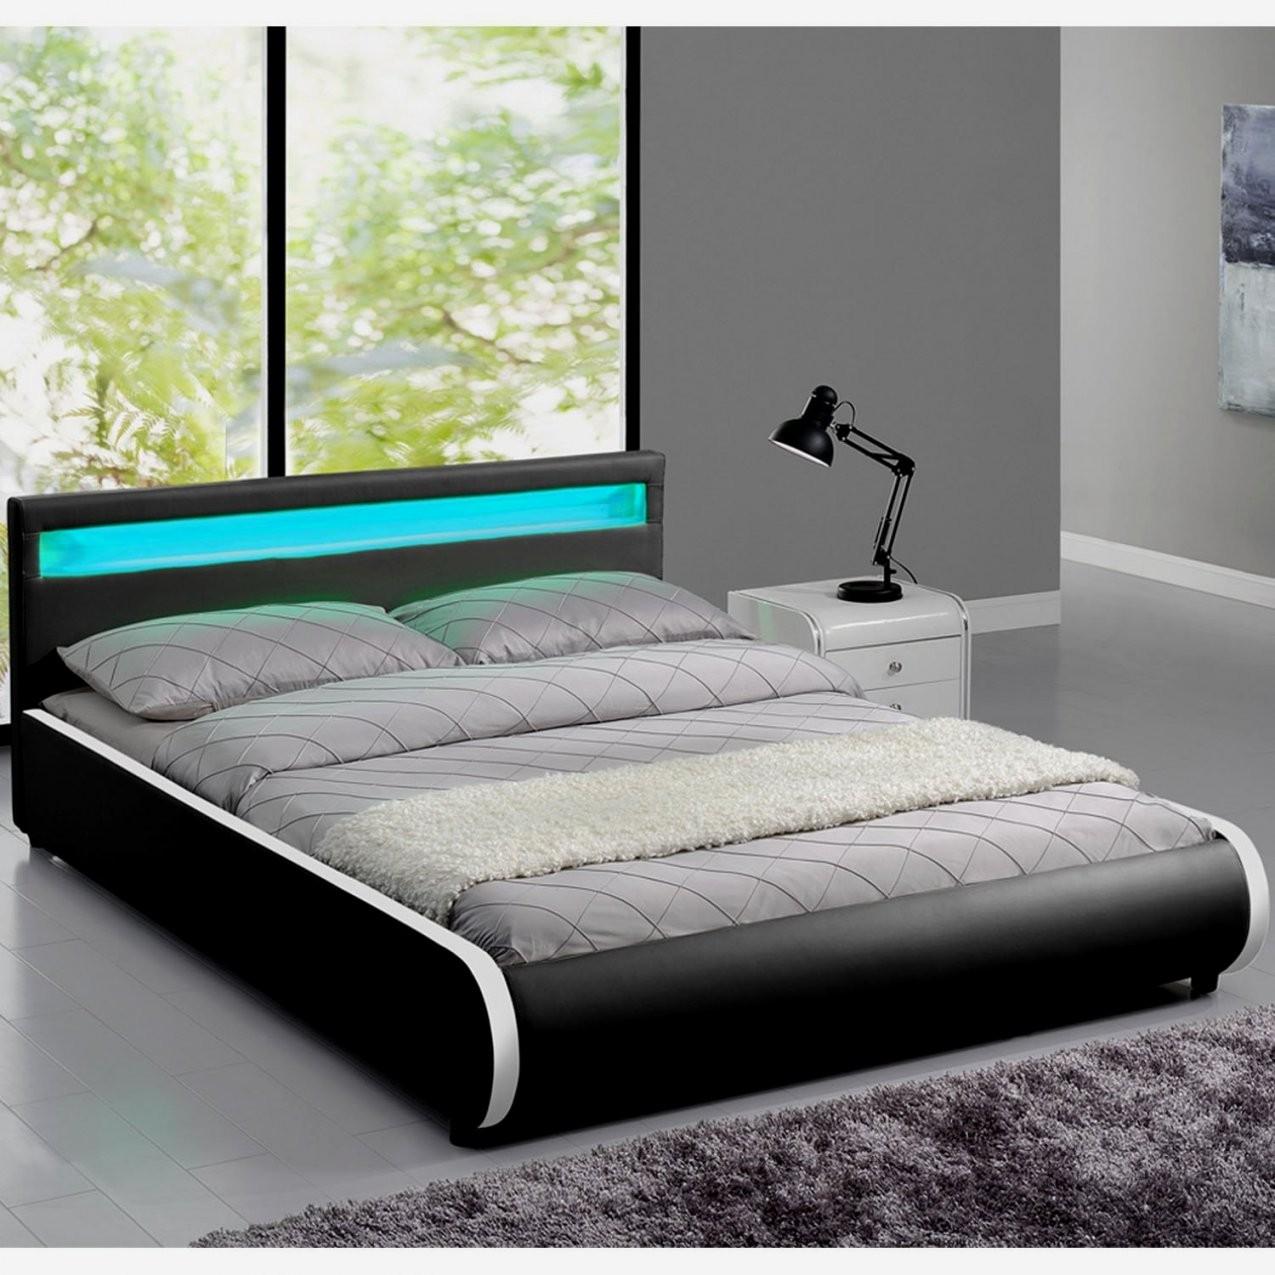 Häusliche Verbesserung Bett 140X200 Mit Matratze Und Lattenrost von Betten Komplett Mit Matratze Und Lattenrost Bild